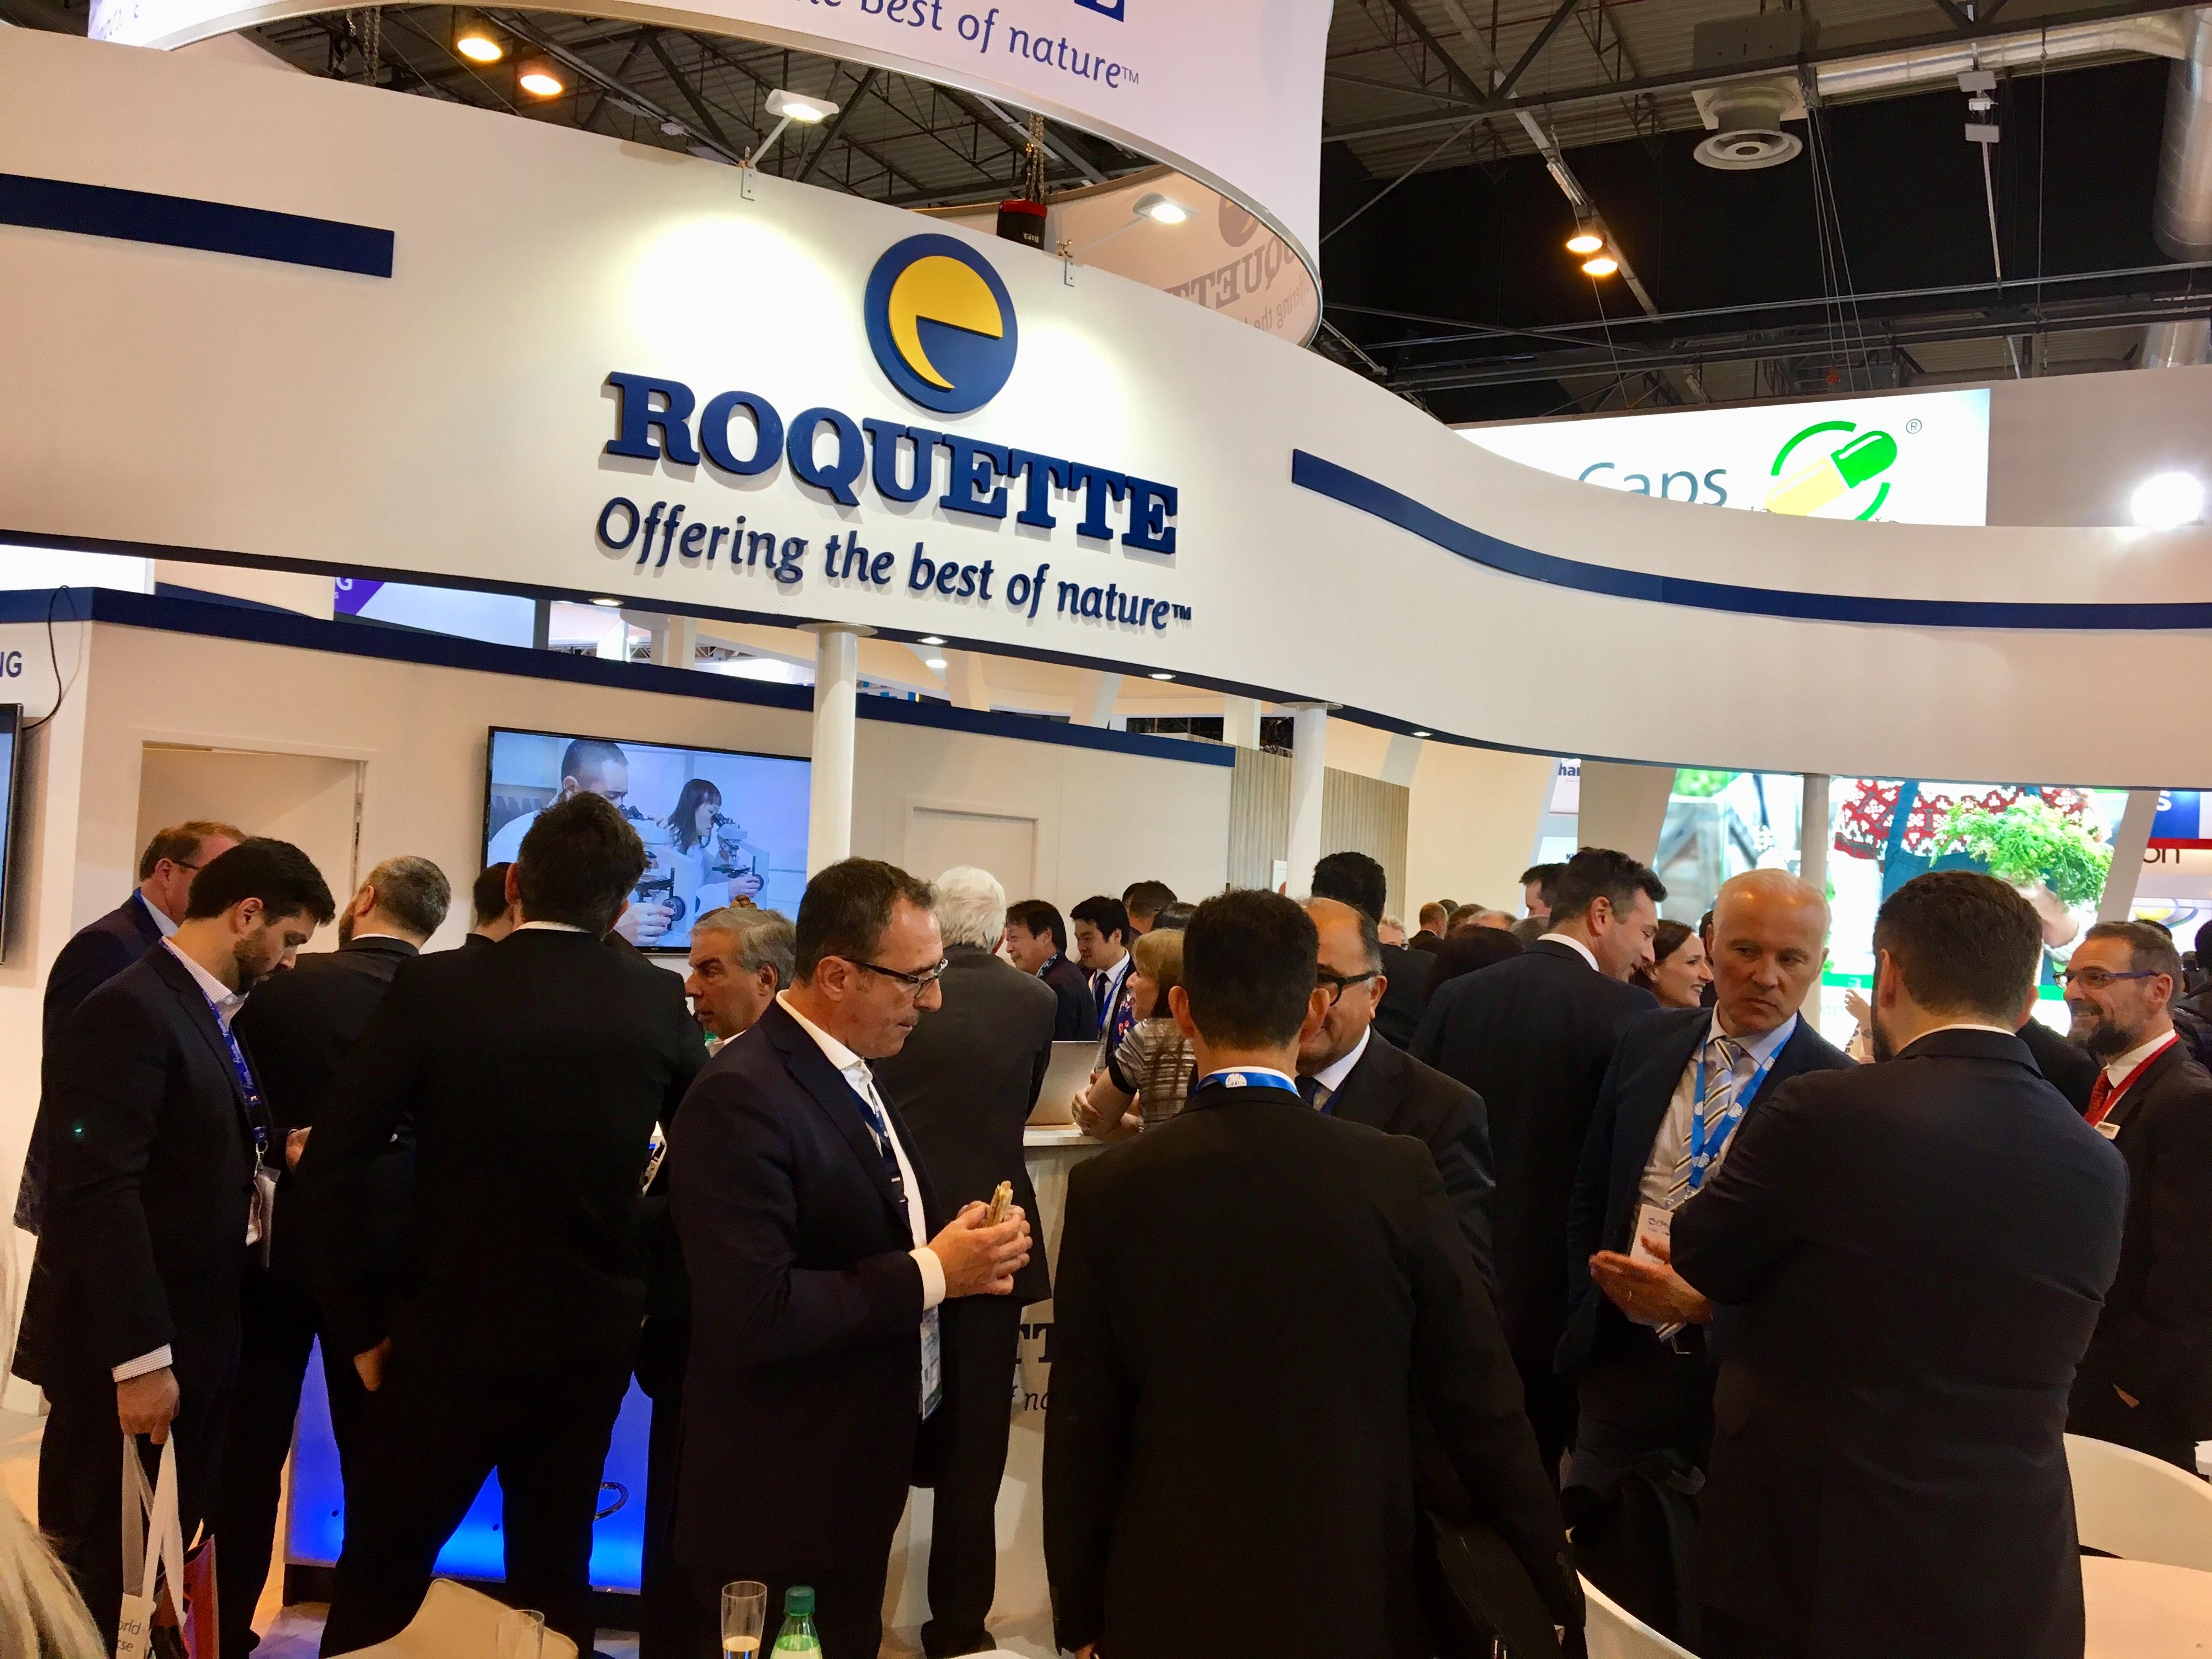 Logistique salon pour Roquette au CPHI Worldwide 2018 à Madrid